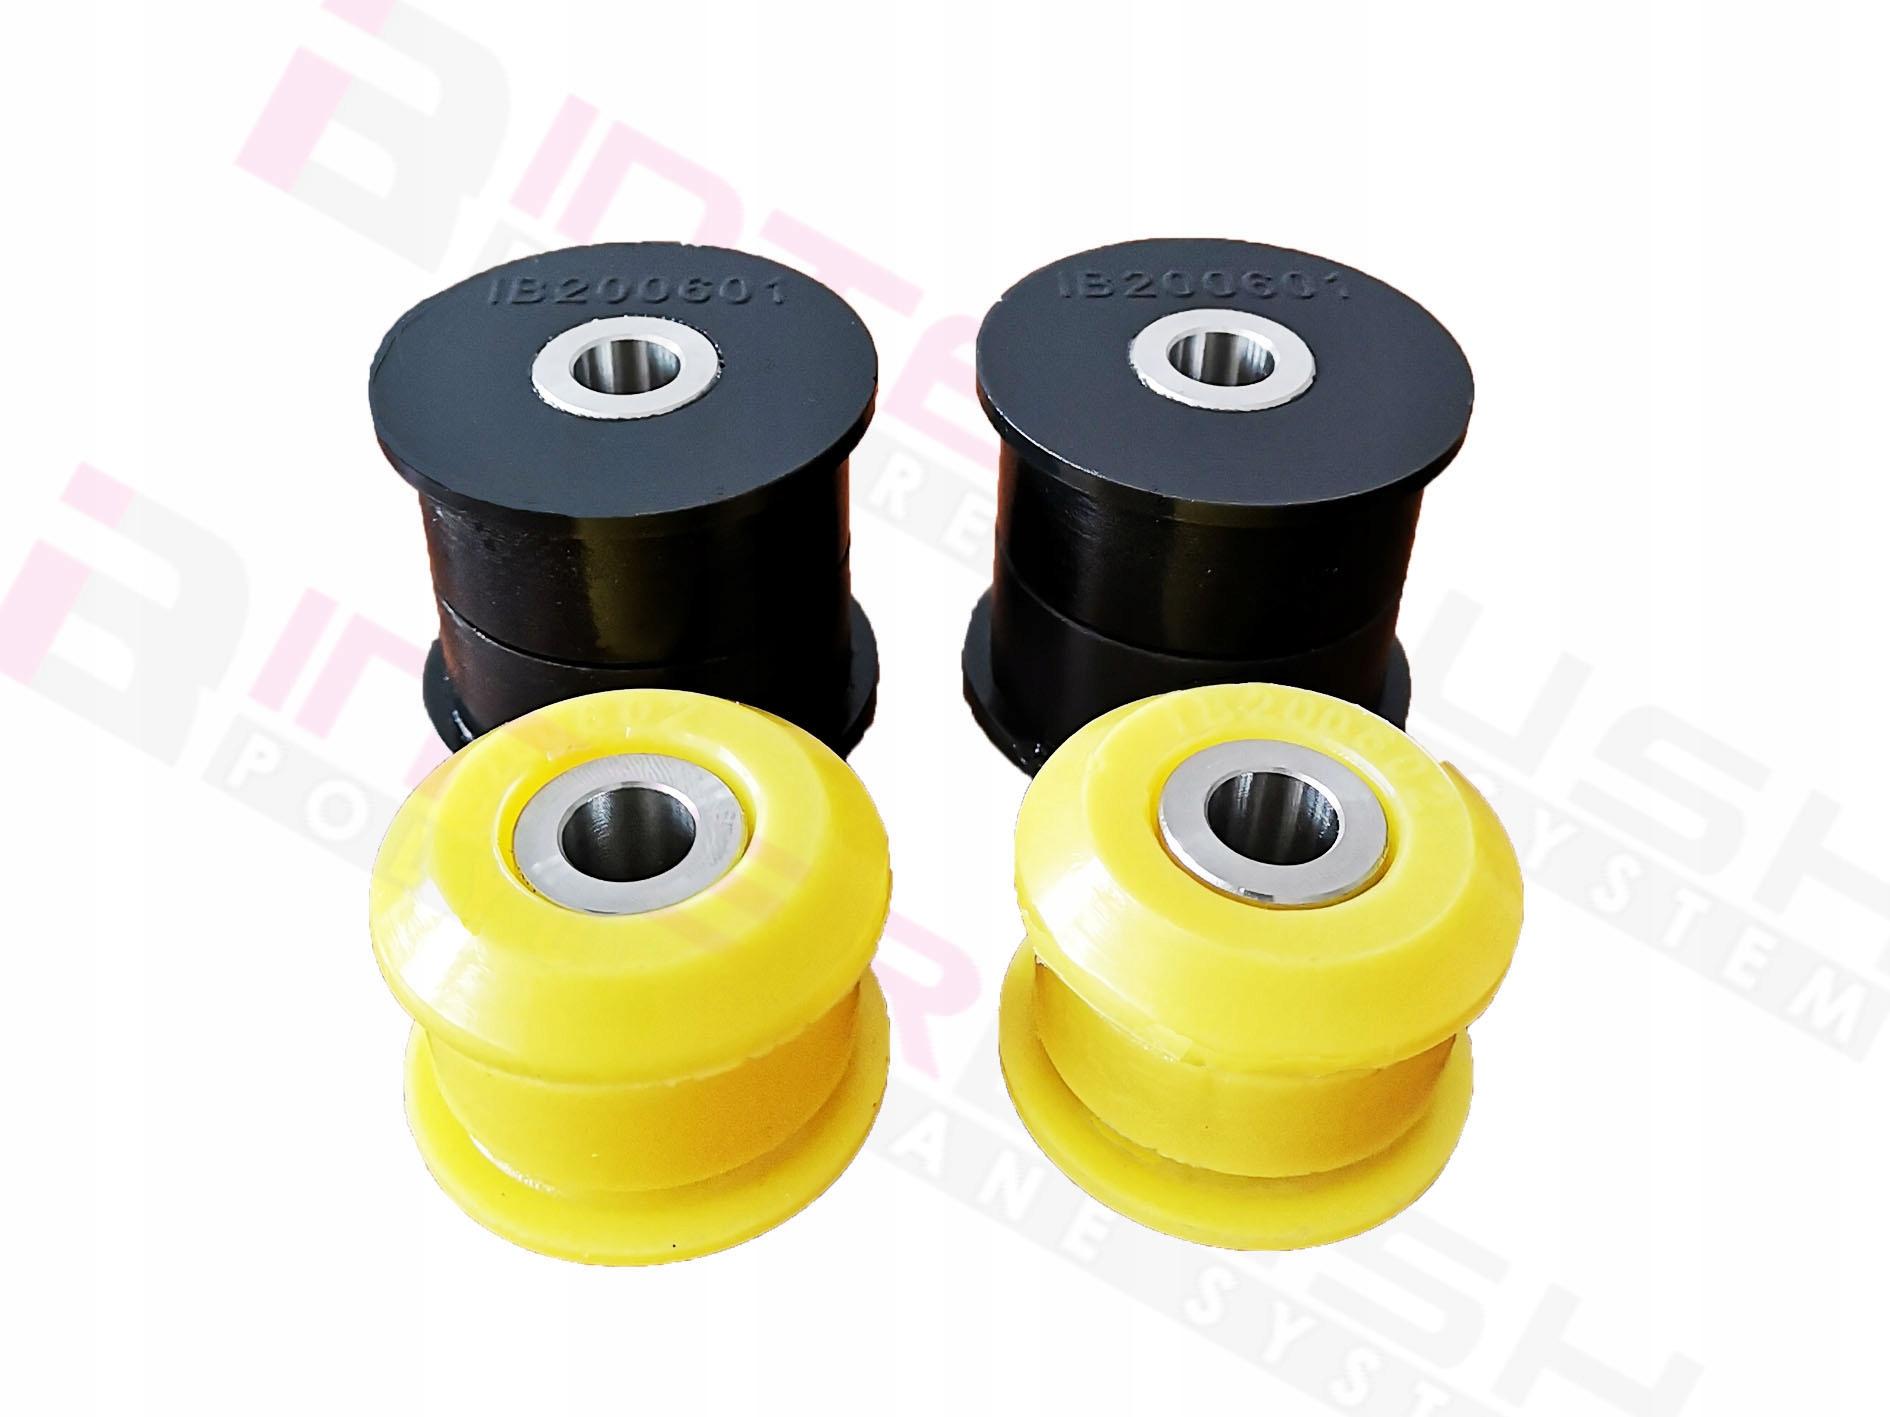 втулки полиуретановые opel омега b 94-03 усиленные